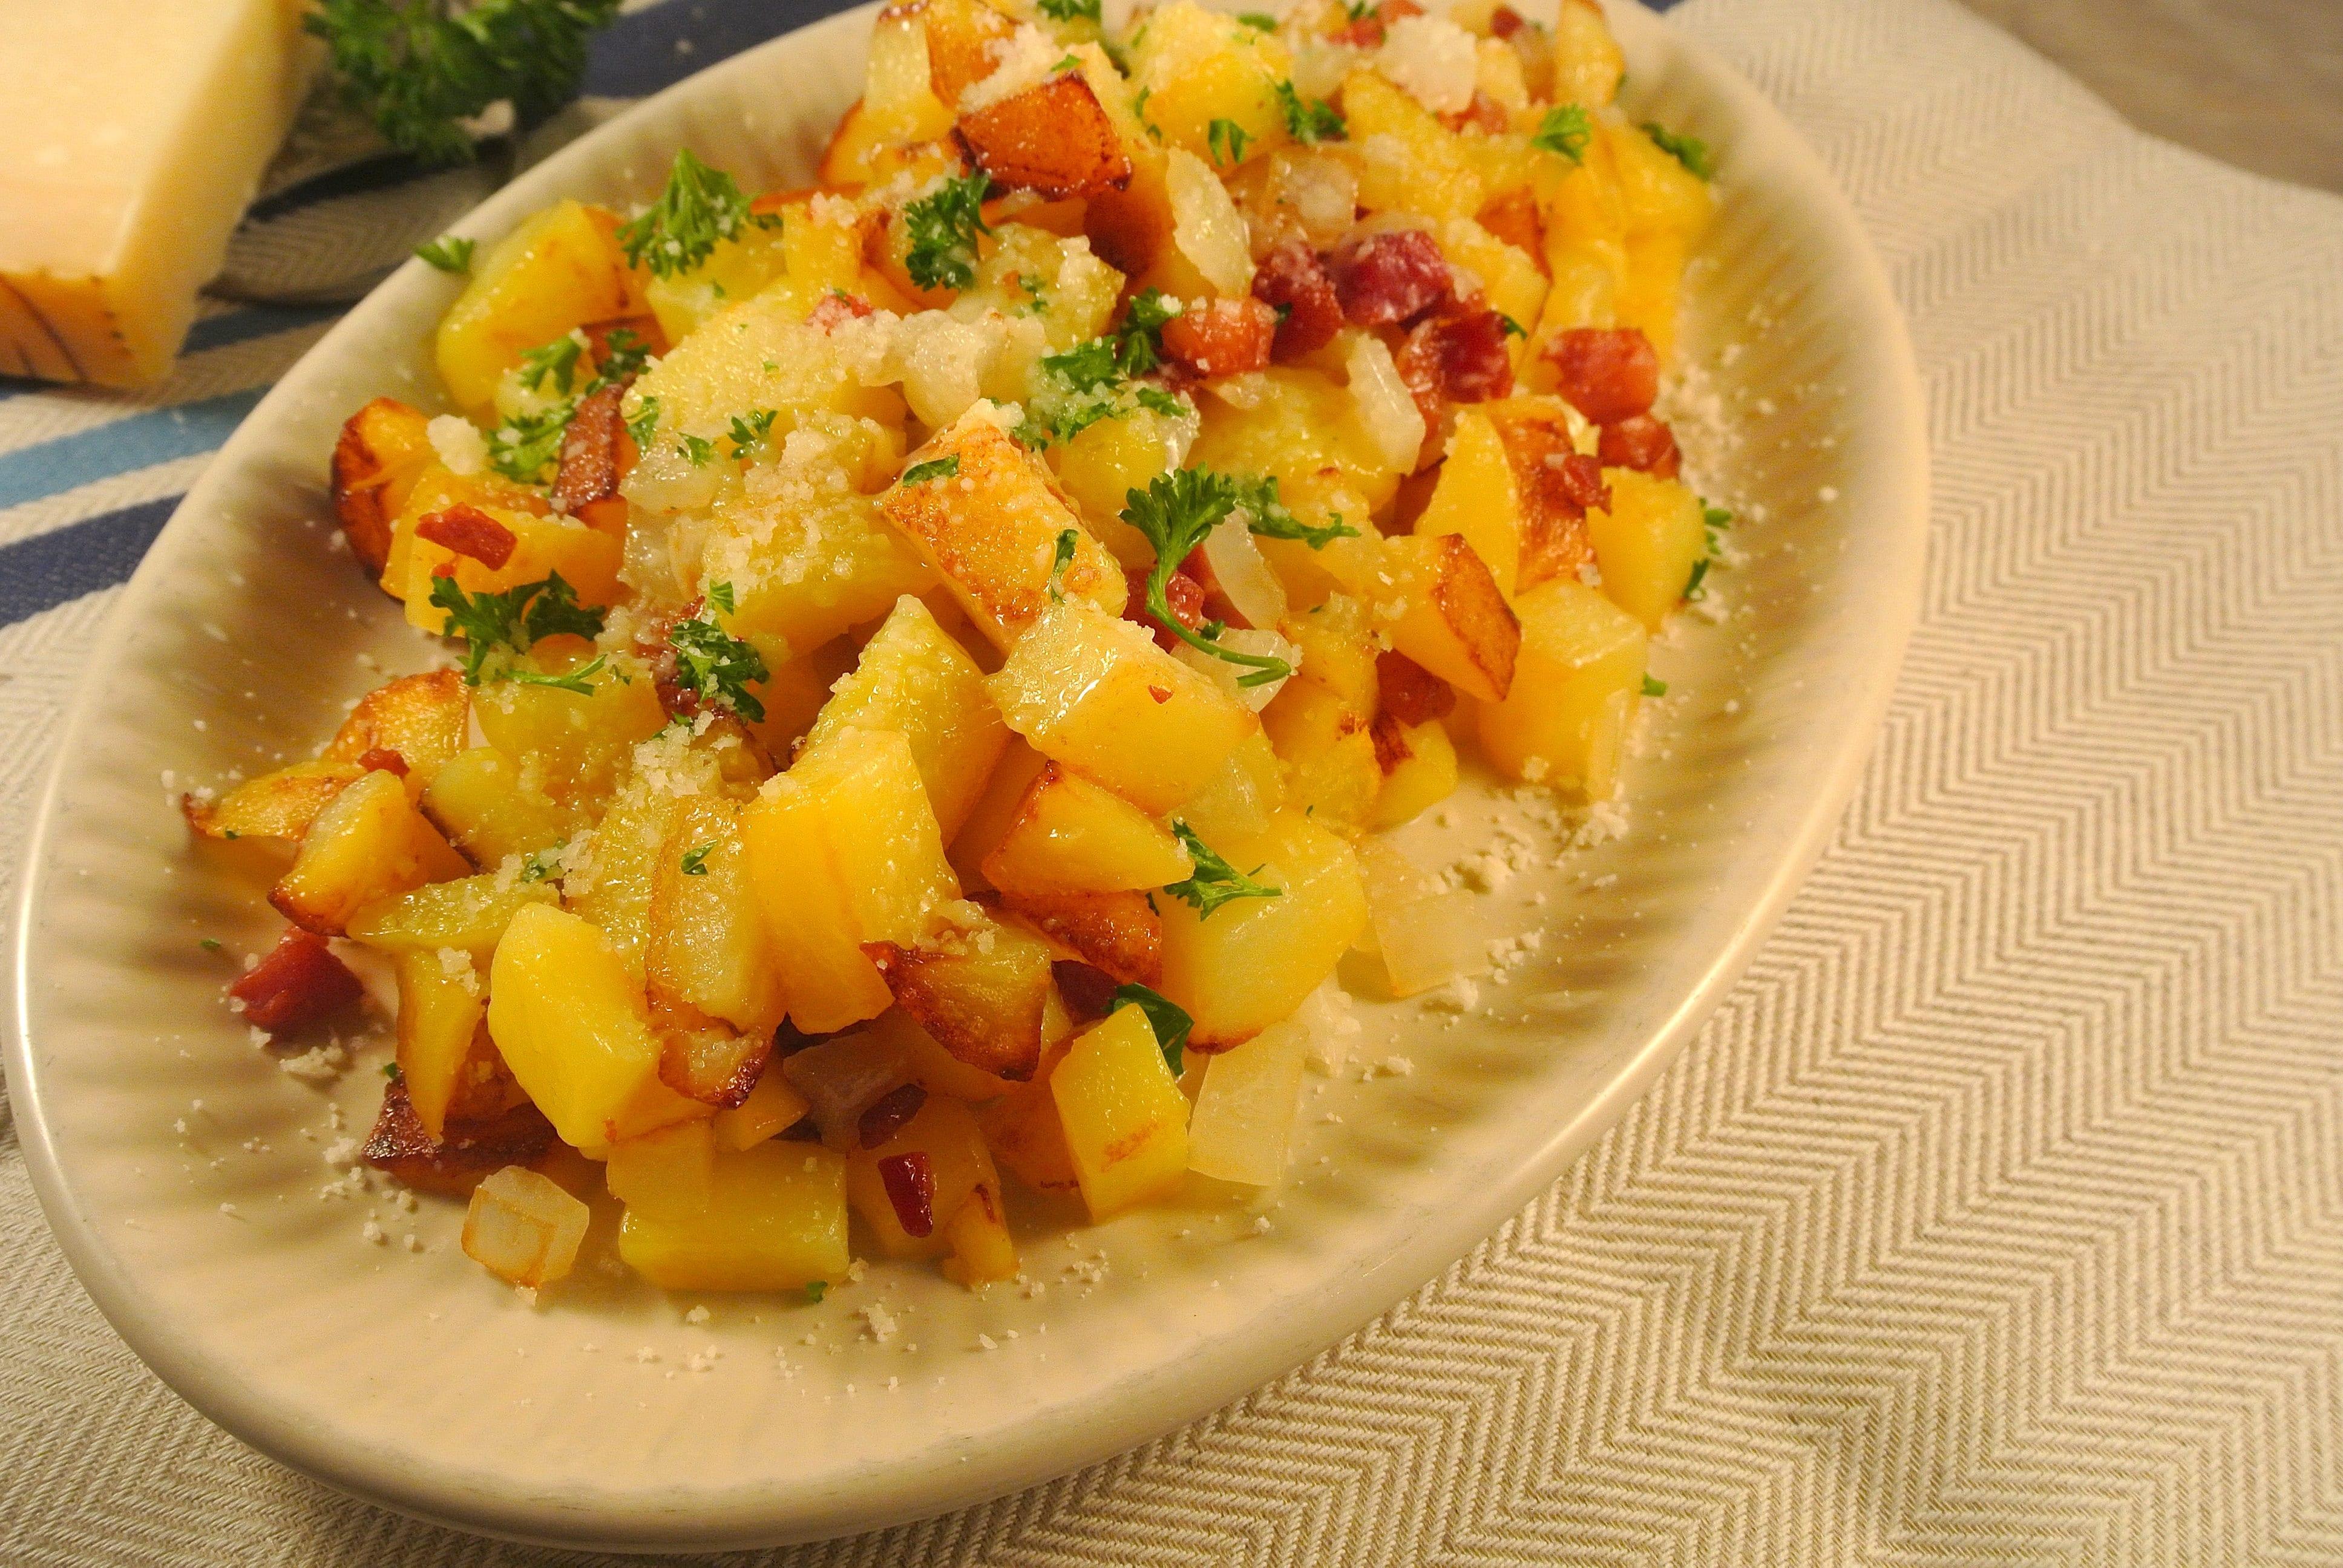 Aardappeltjes met parmezaanse kaas, spekjes en ui